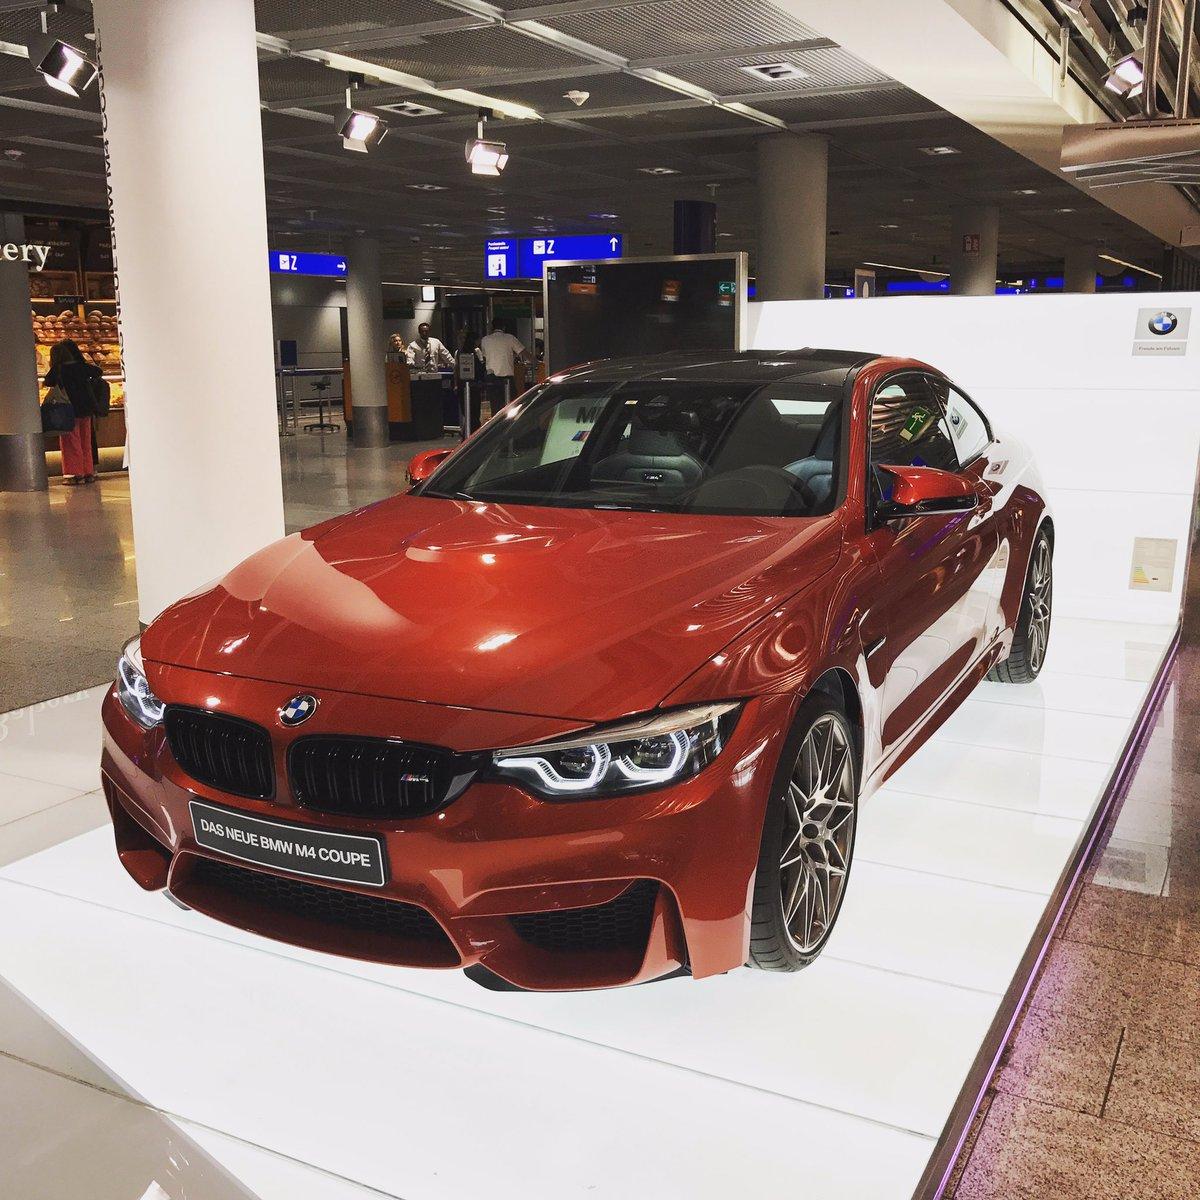 Duty free shopping at Frankfurt Airport. @BMW_SA